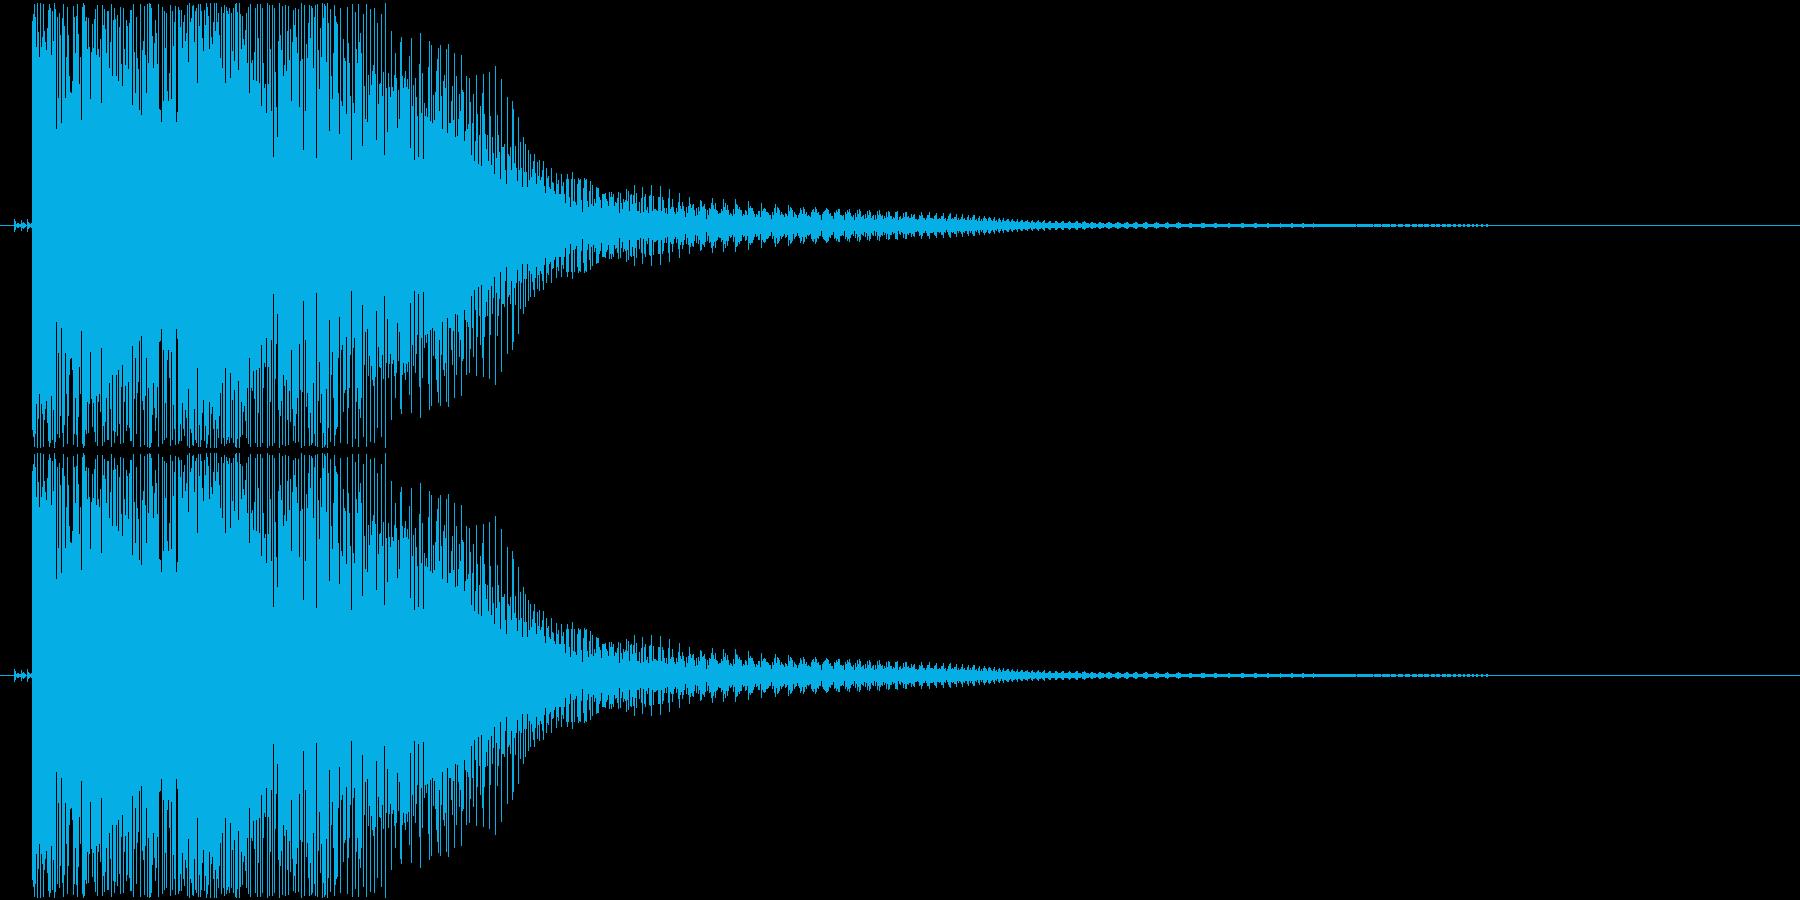 ダメージ音01(ポヨン)の再生済みの波形